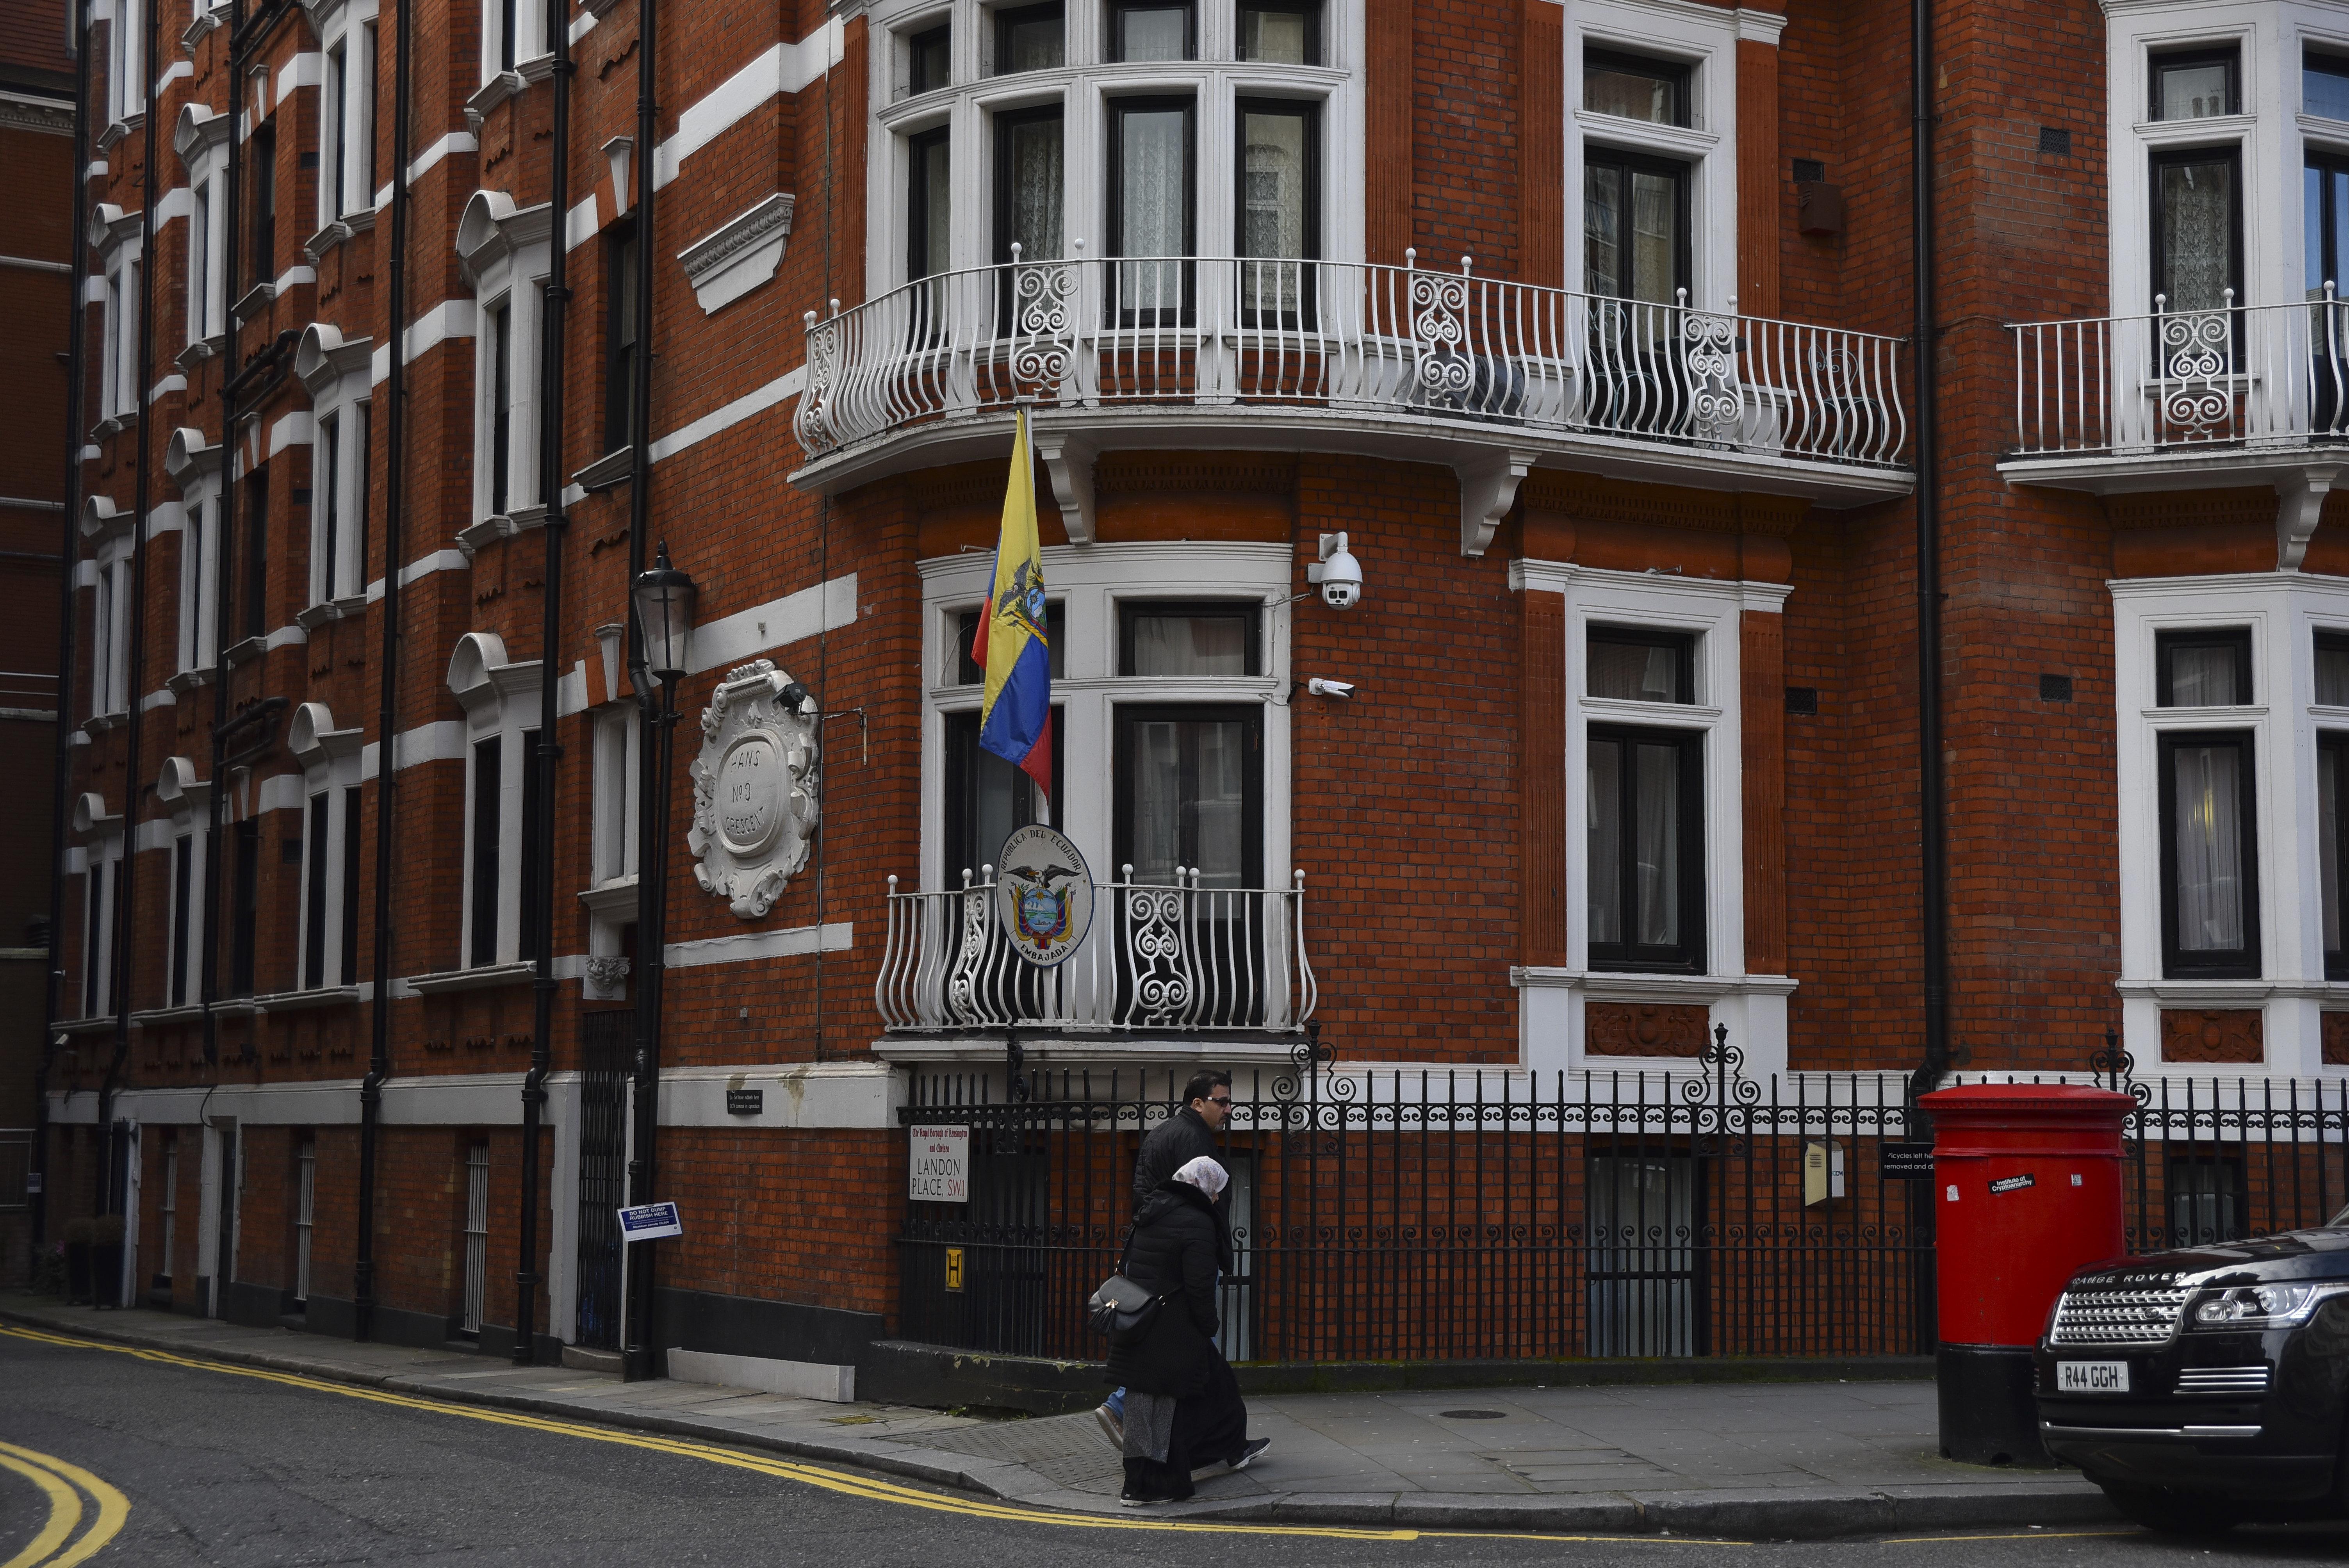 Άρση των πρόσθετων μέτρων προστασίας του Τζούλιαν Ασάντζ στην πρεσβεία του Ισημερινού στον